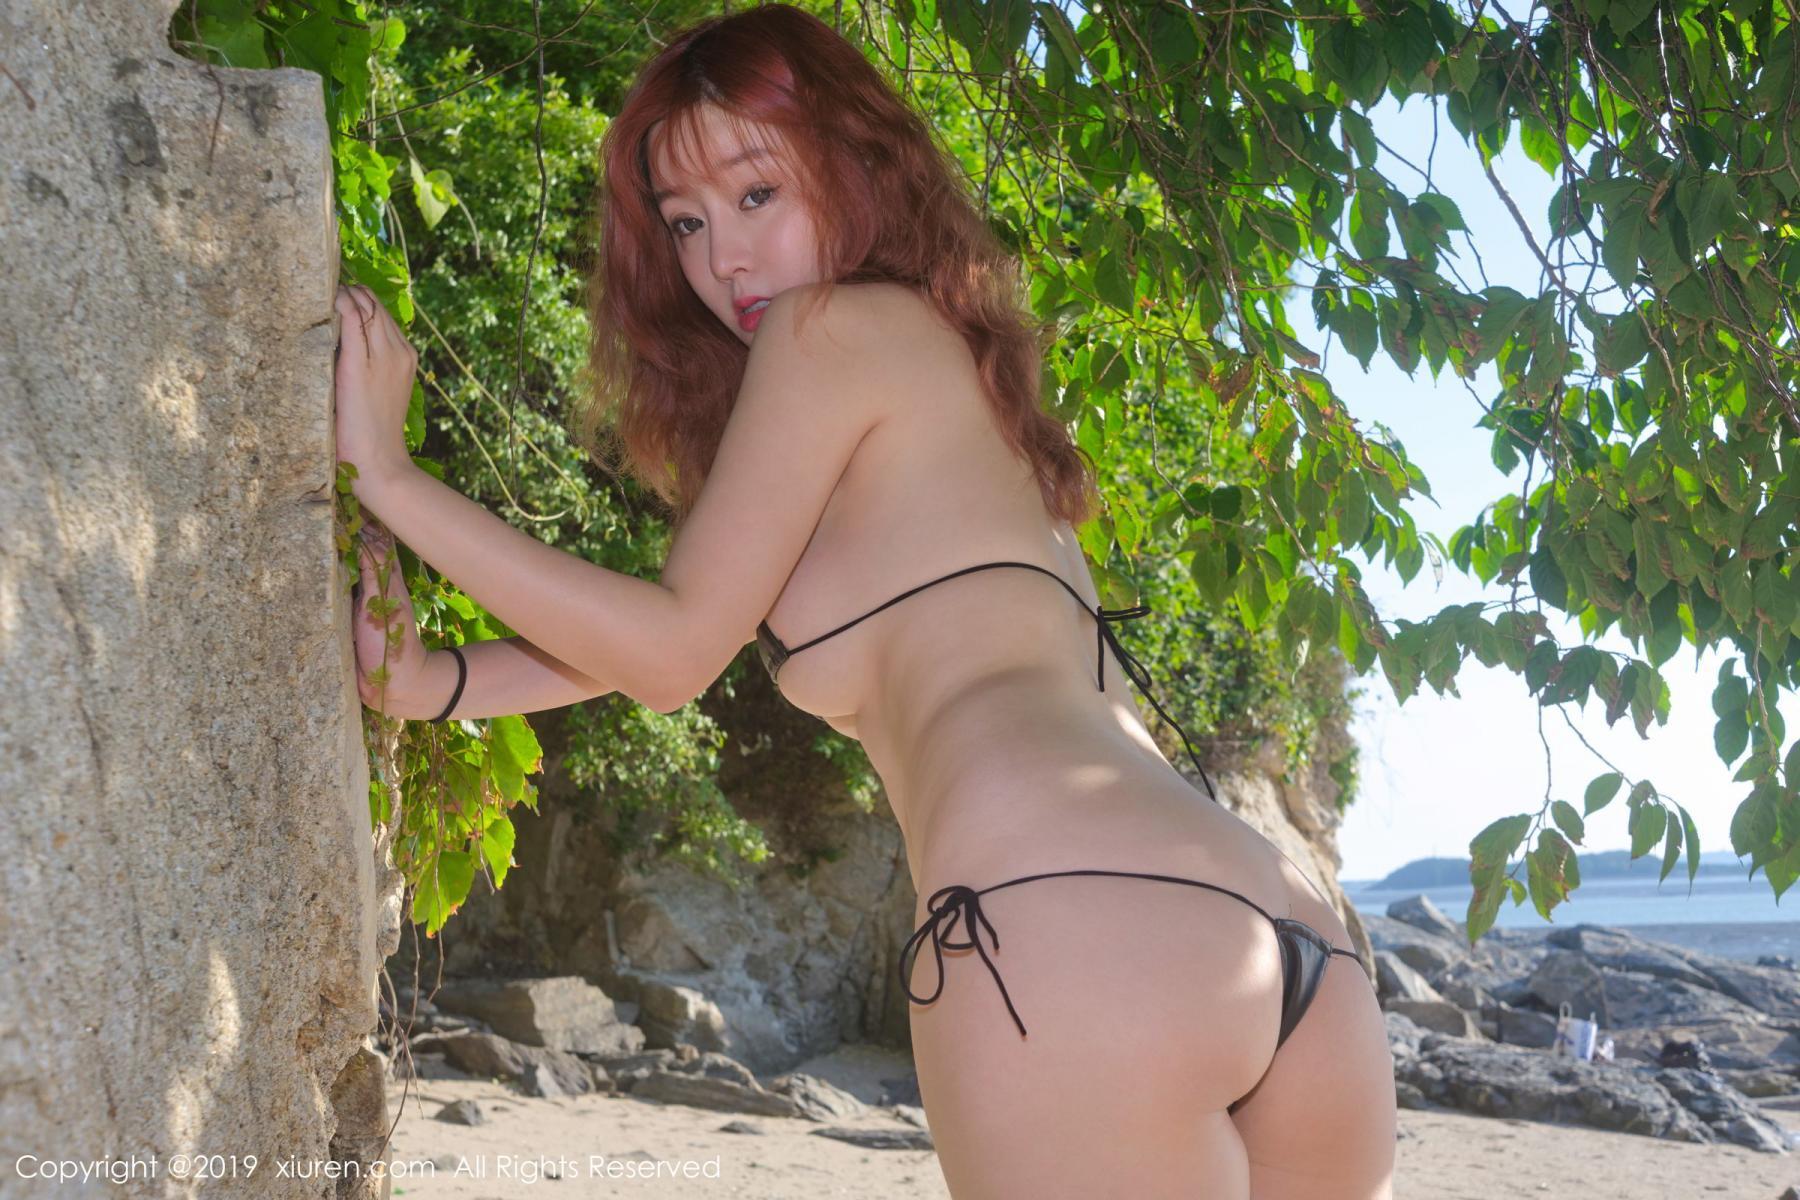 [XiuRen] Vol.1681 Wang Yu Chun 38P, Beach, Bikini, Wang Yu Chun, Xiuren